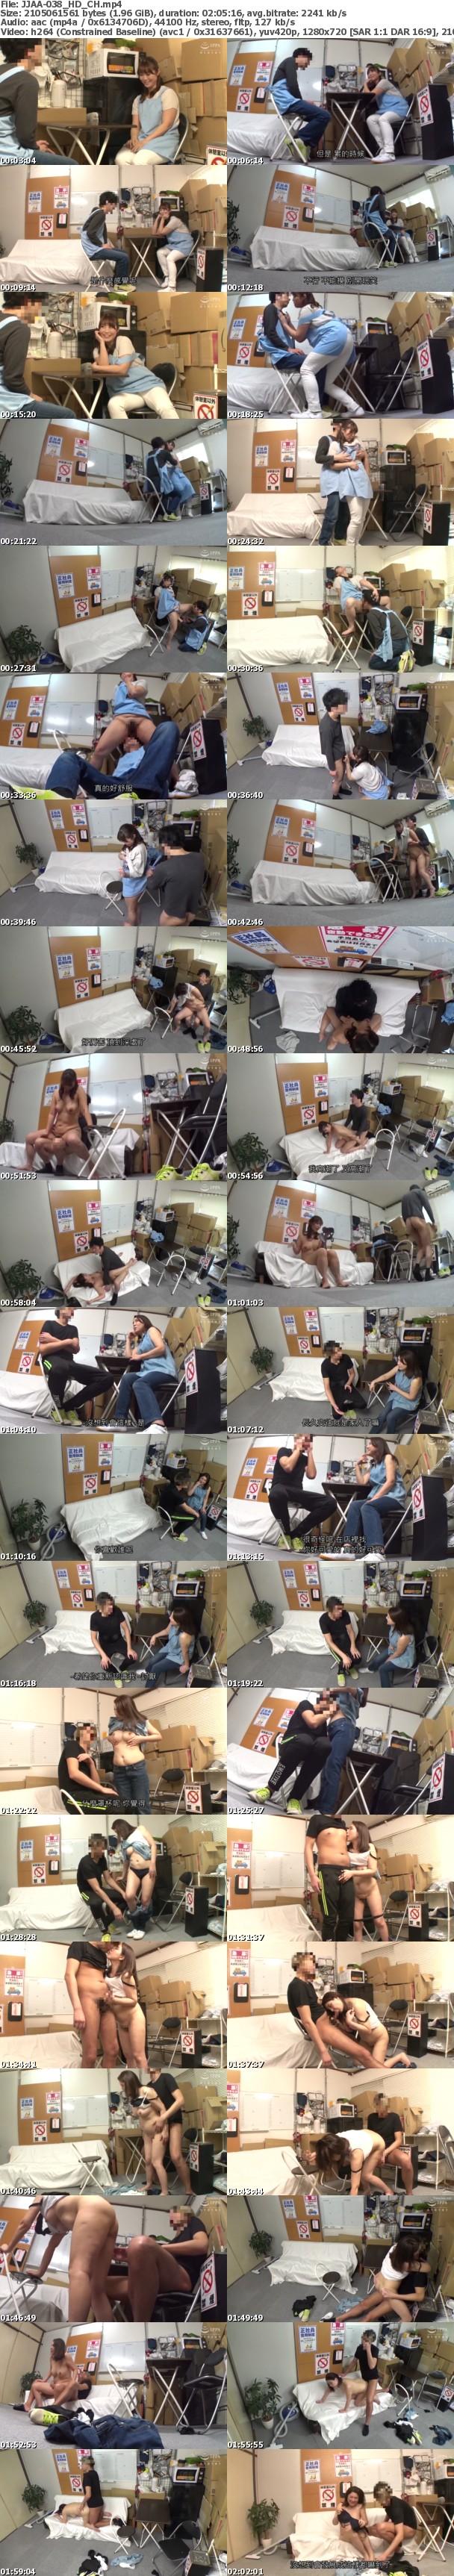 [中字] JJAA-038 兼職人妻悄悄和年輕員工做愛 打工地點的休息室13